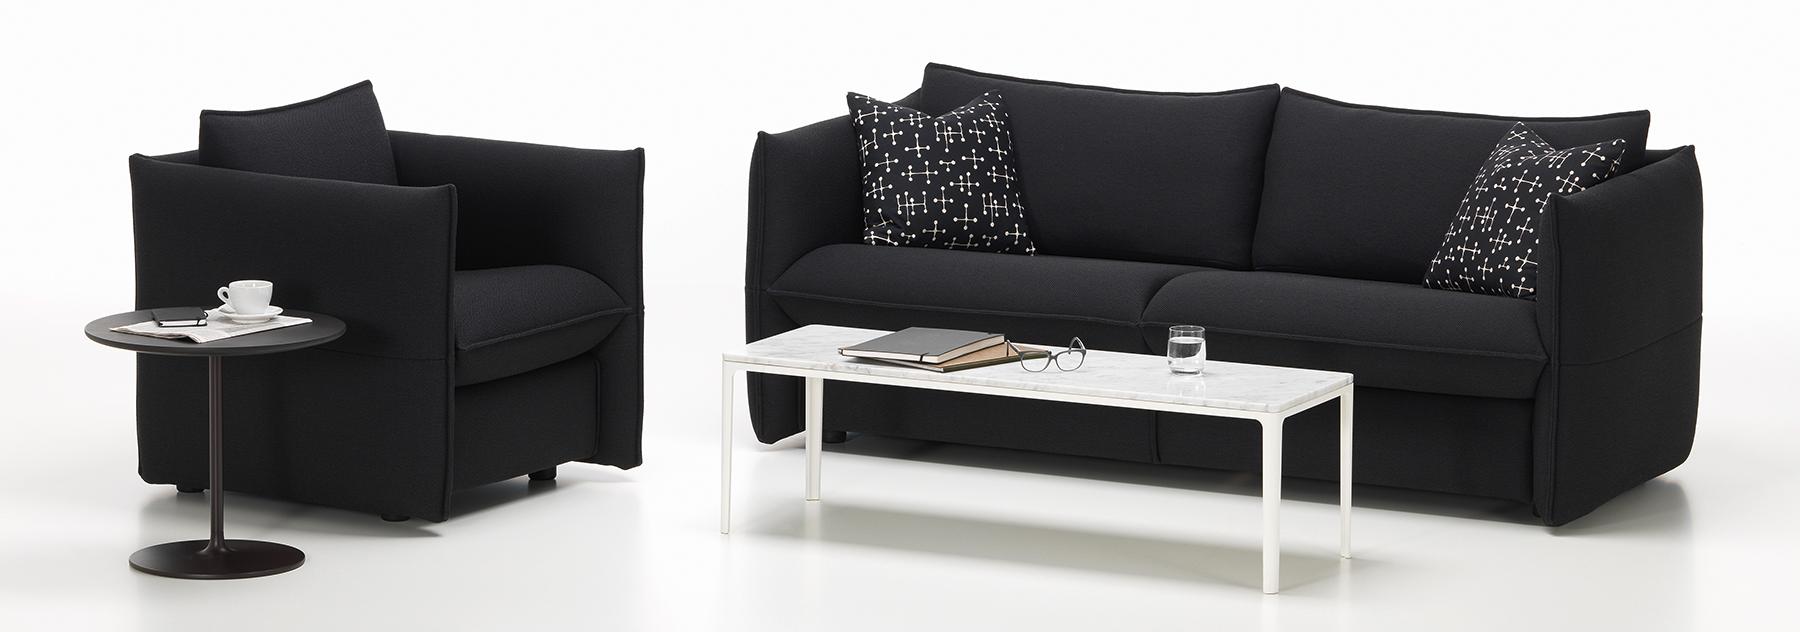 Vitra Mariposa Chair and Sofa